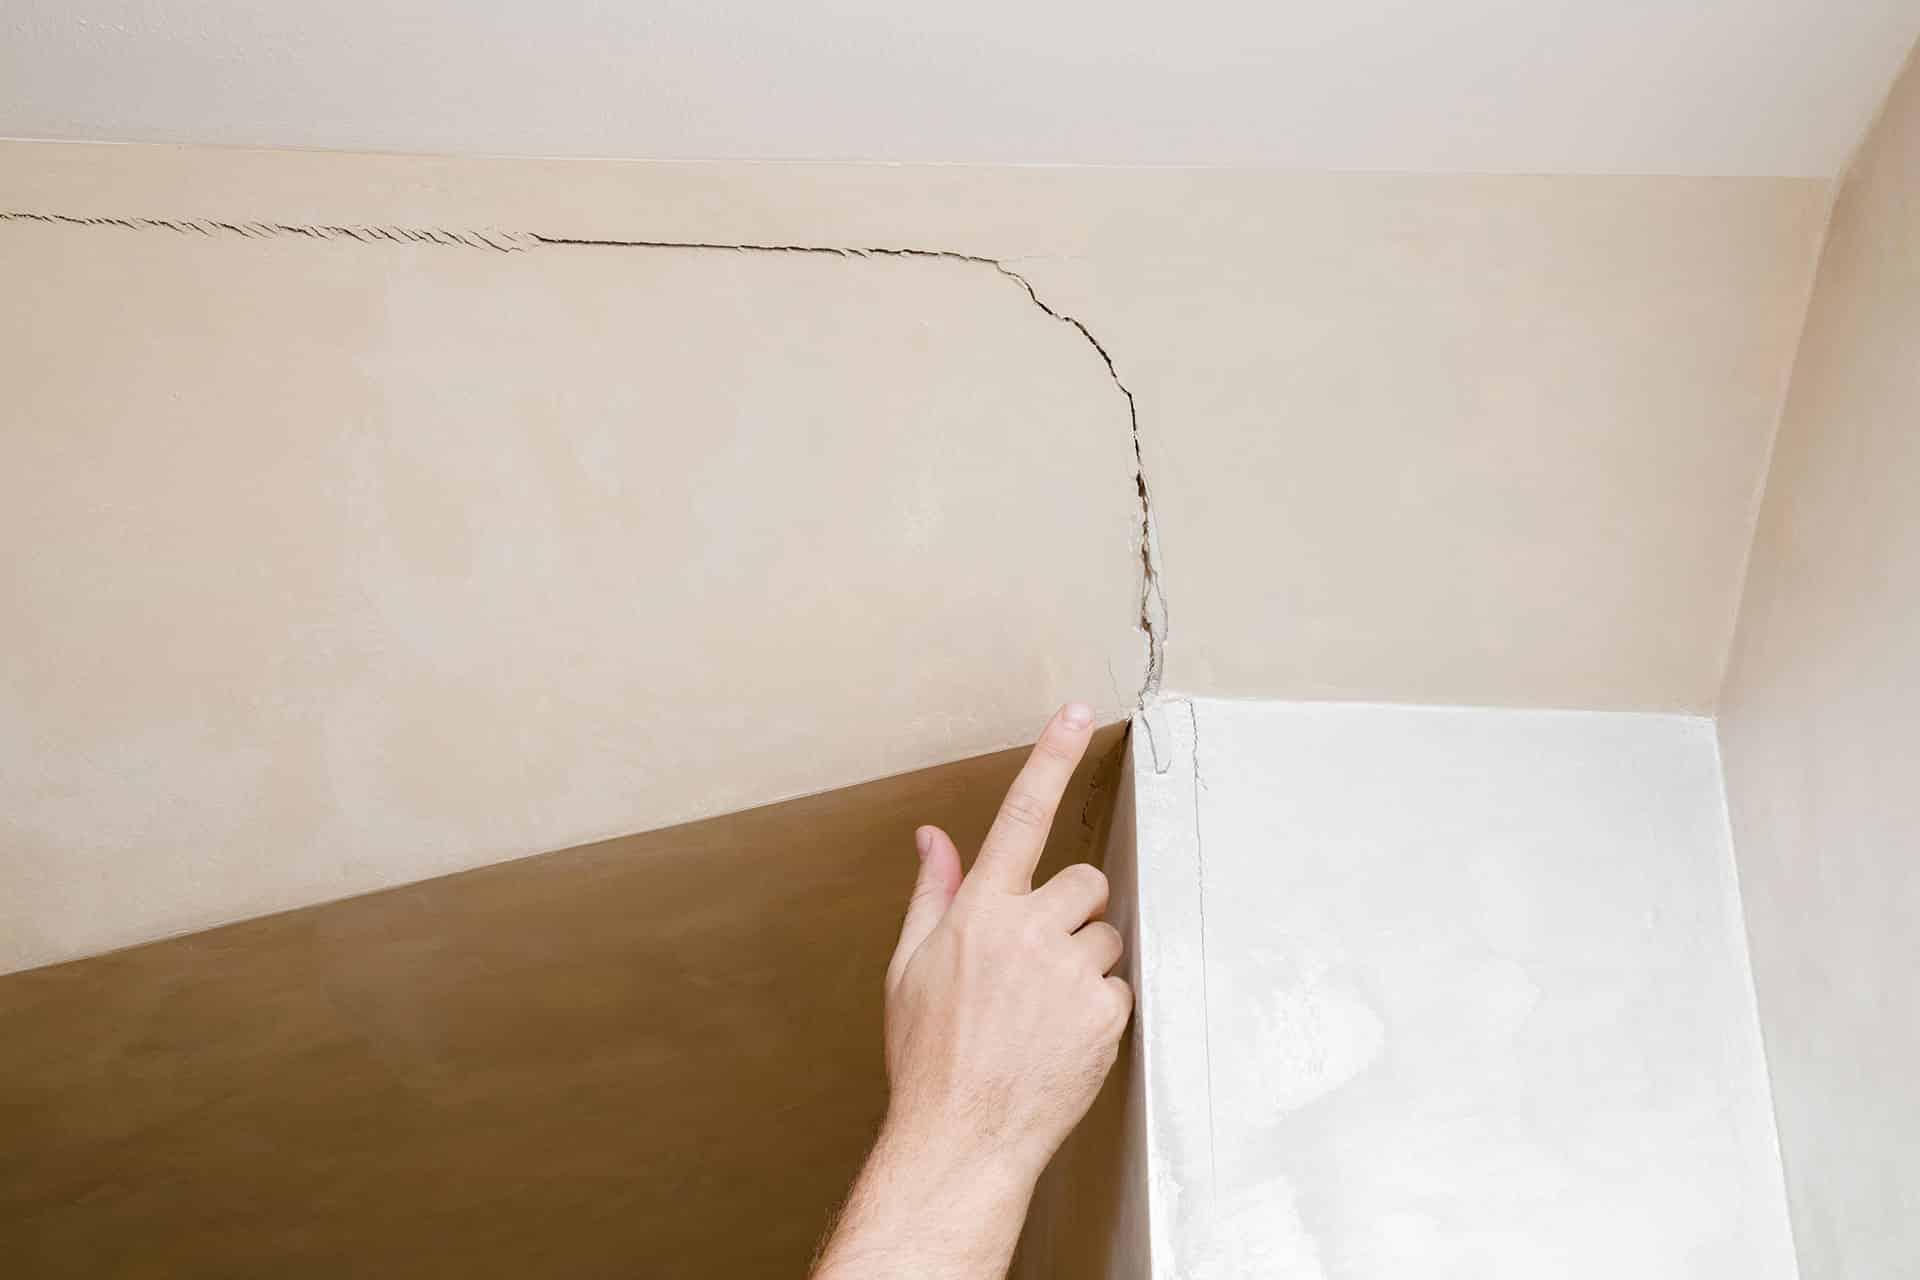 Interior ceiling cracking foundation repair